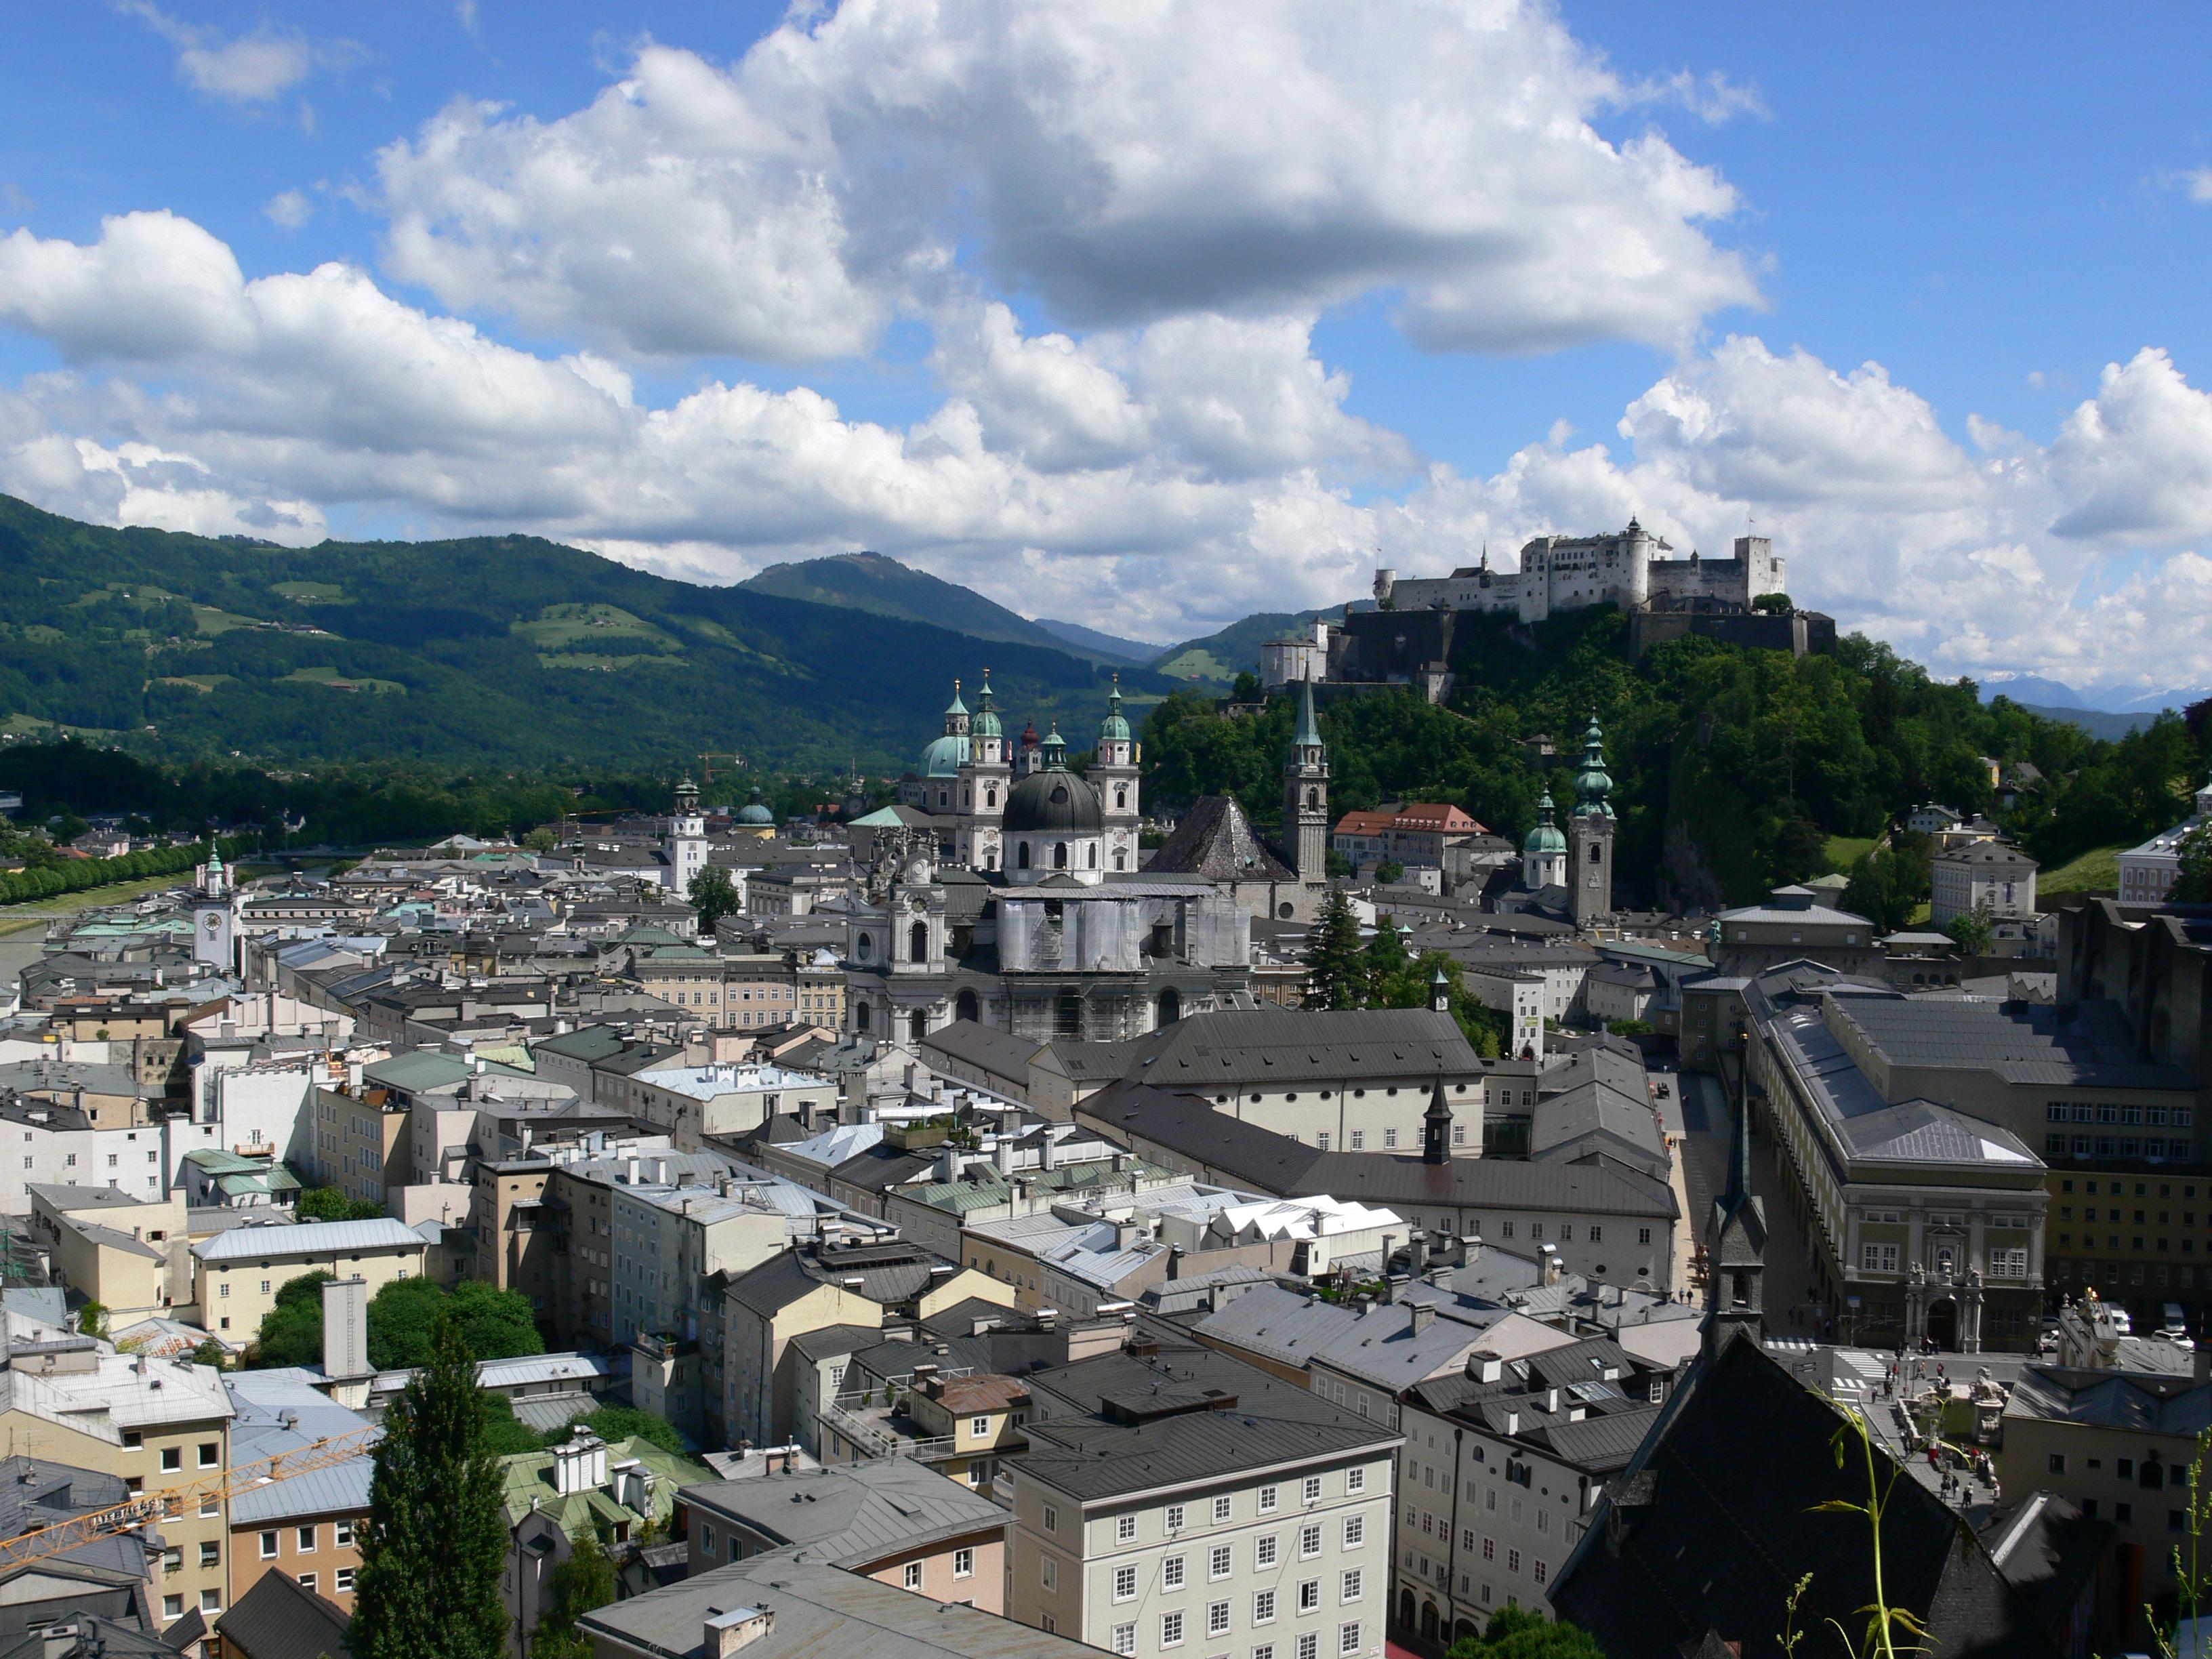 Dieci cose gratuite da fare a Salisburgo